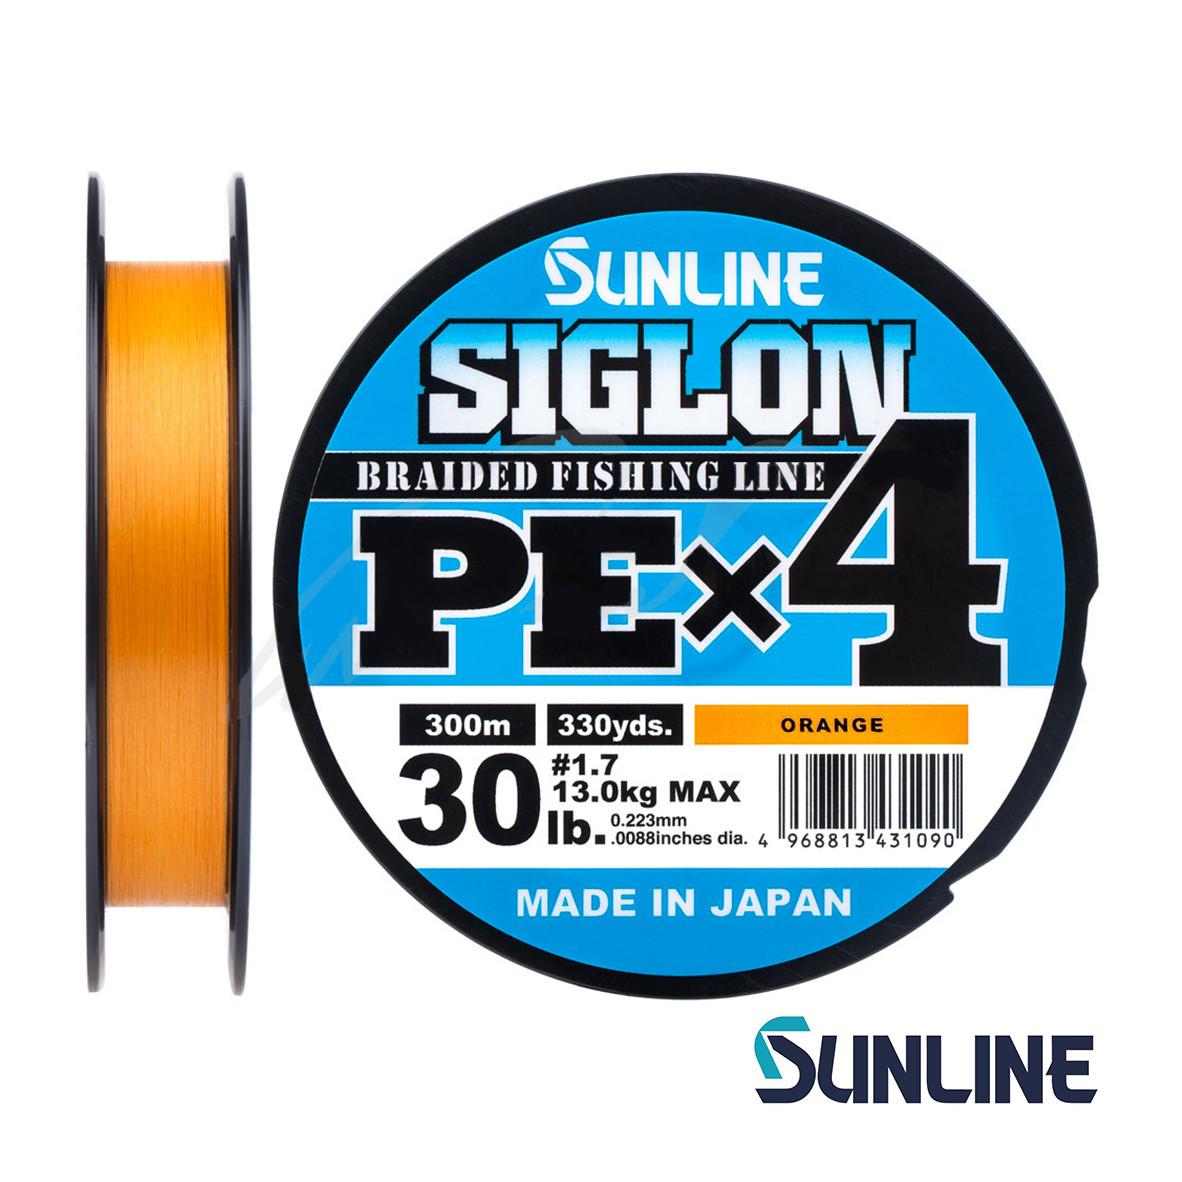 Шнур Sunline Siglon PE х4 150m (оранж.) #0.3/0.094mm 5lb/2.1kg